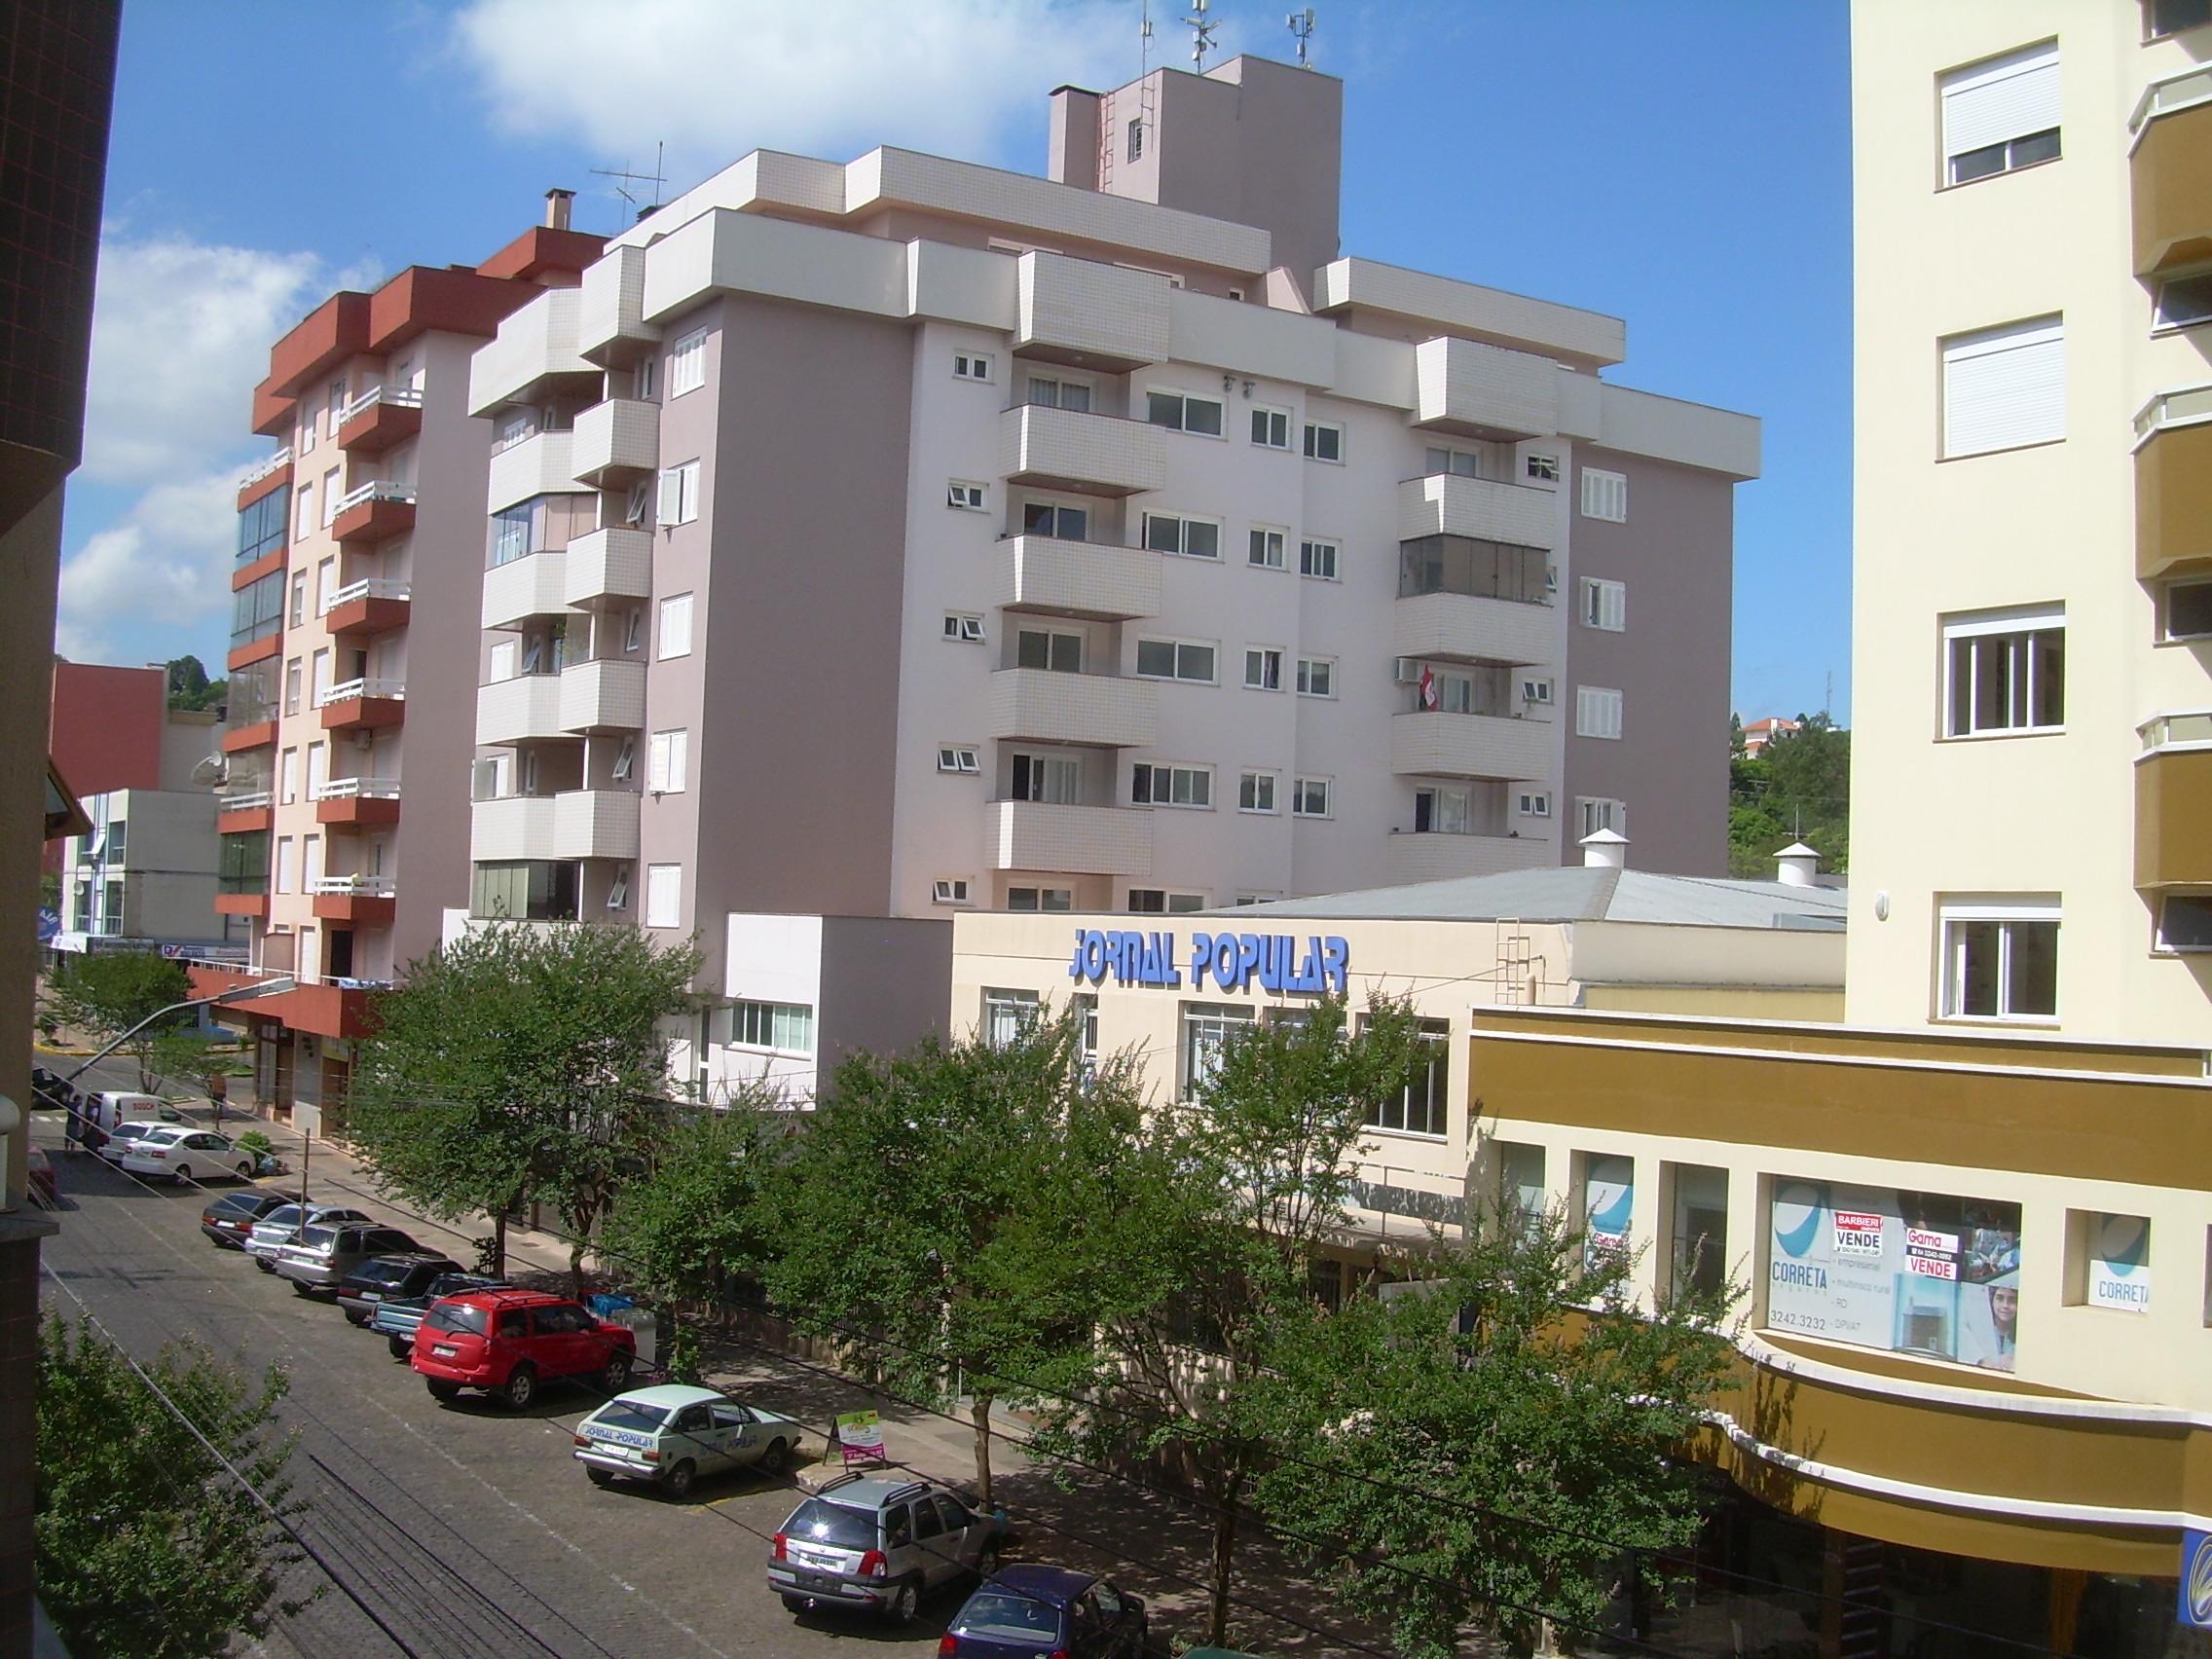 Nova Prata do Iguaçu Paraná fonte: upload.wikimedia.org